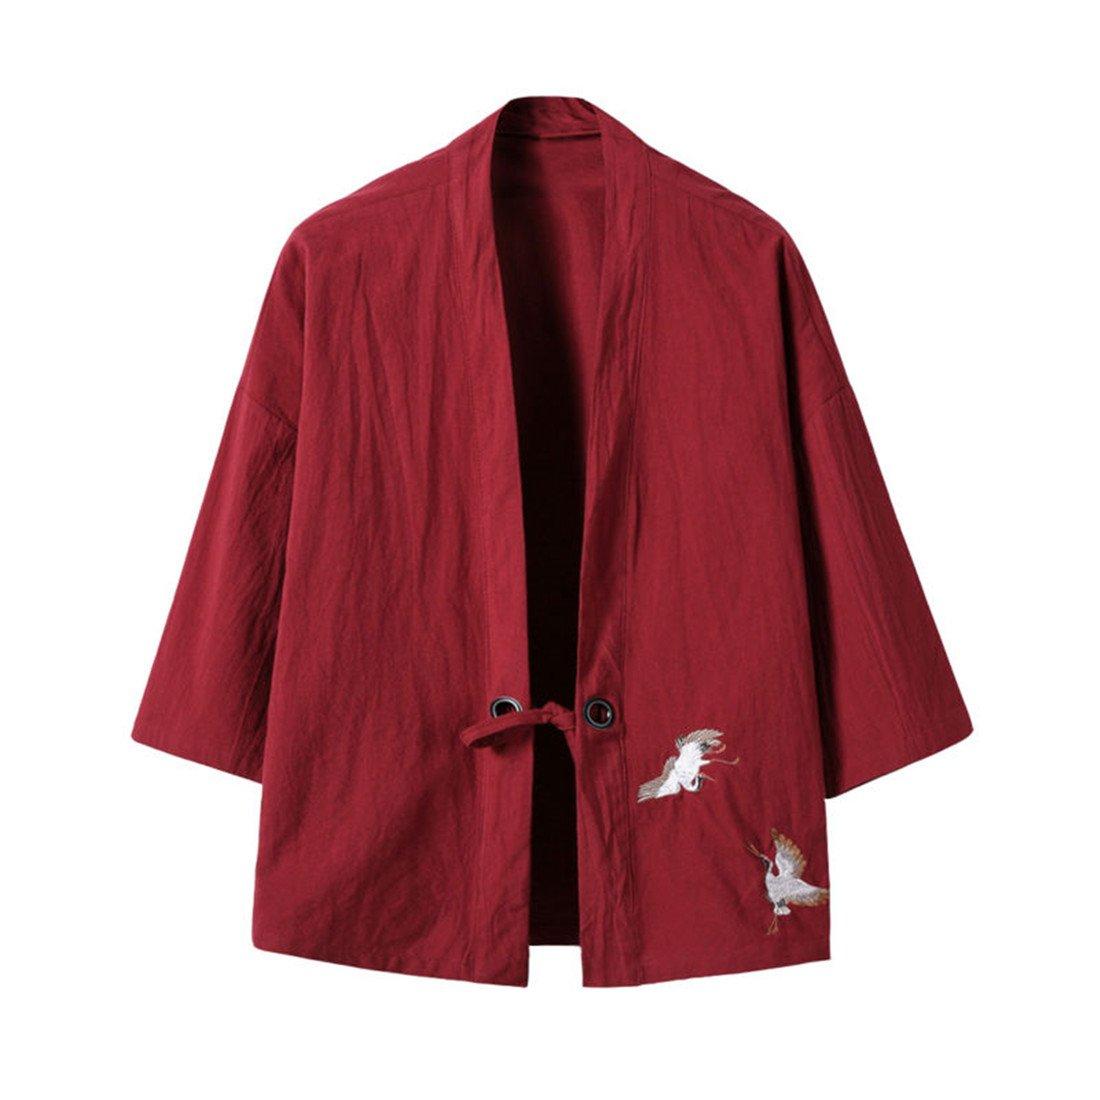 Hzcx Fashion Men's Cotton Blends Linen Open Front Cardigan Kimono Jackets QT4018-M708-60-WI-US L(44) TAG 4XL US L(CHEST 44'') Wine